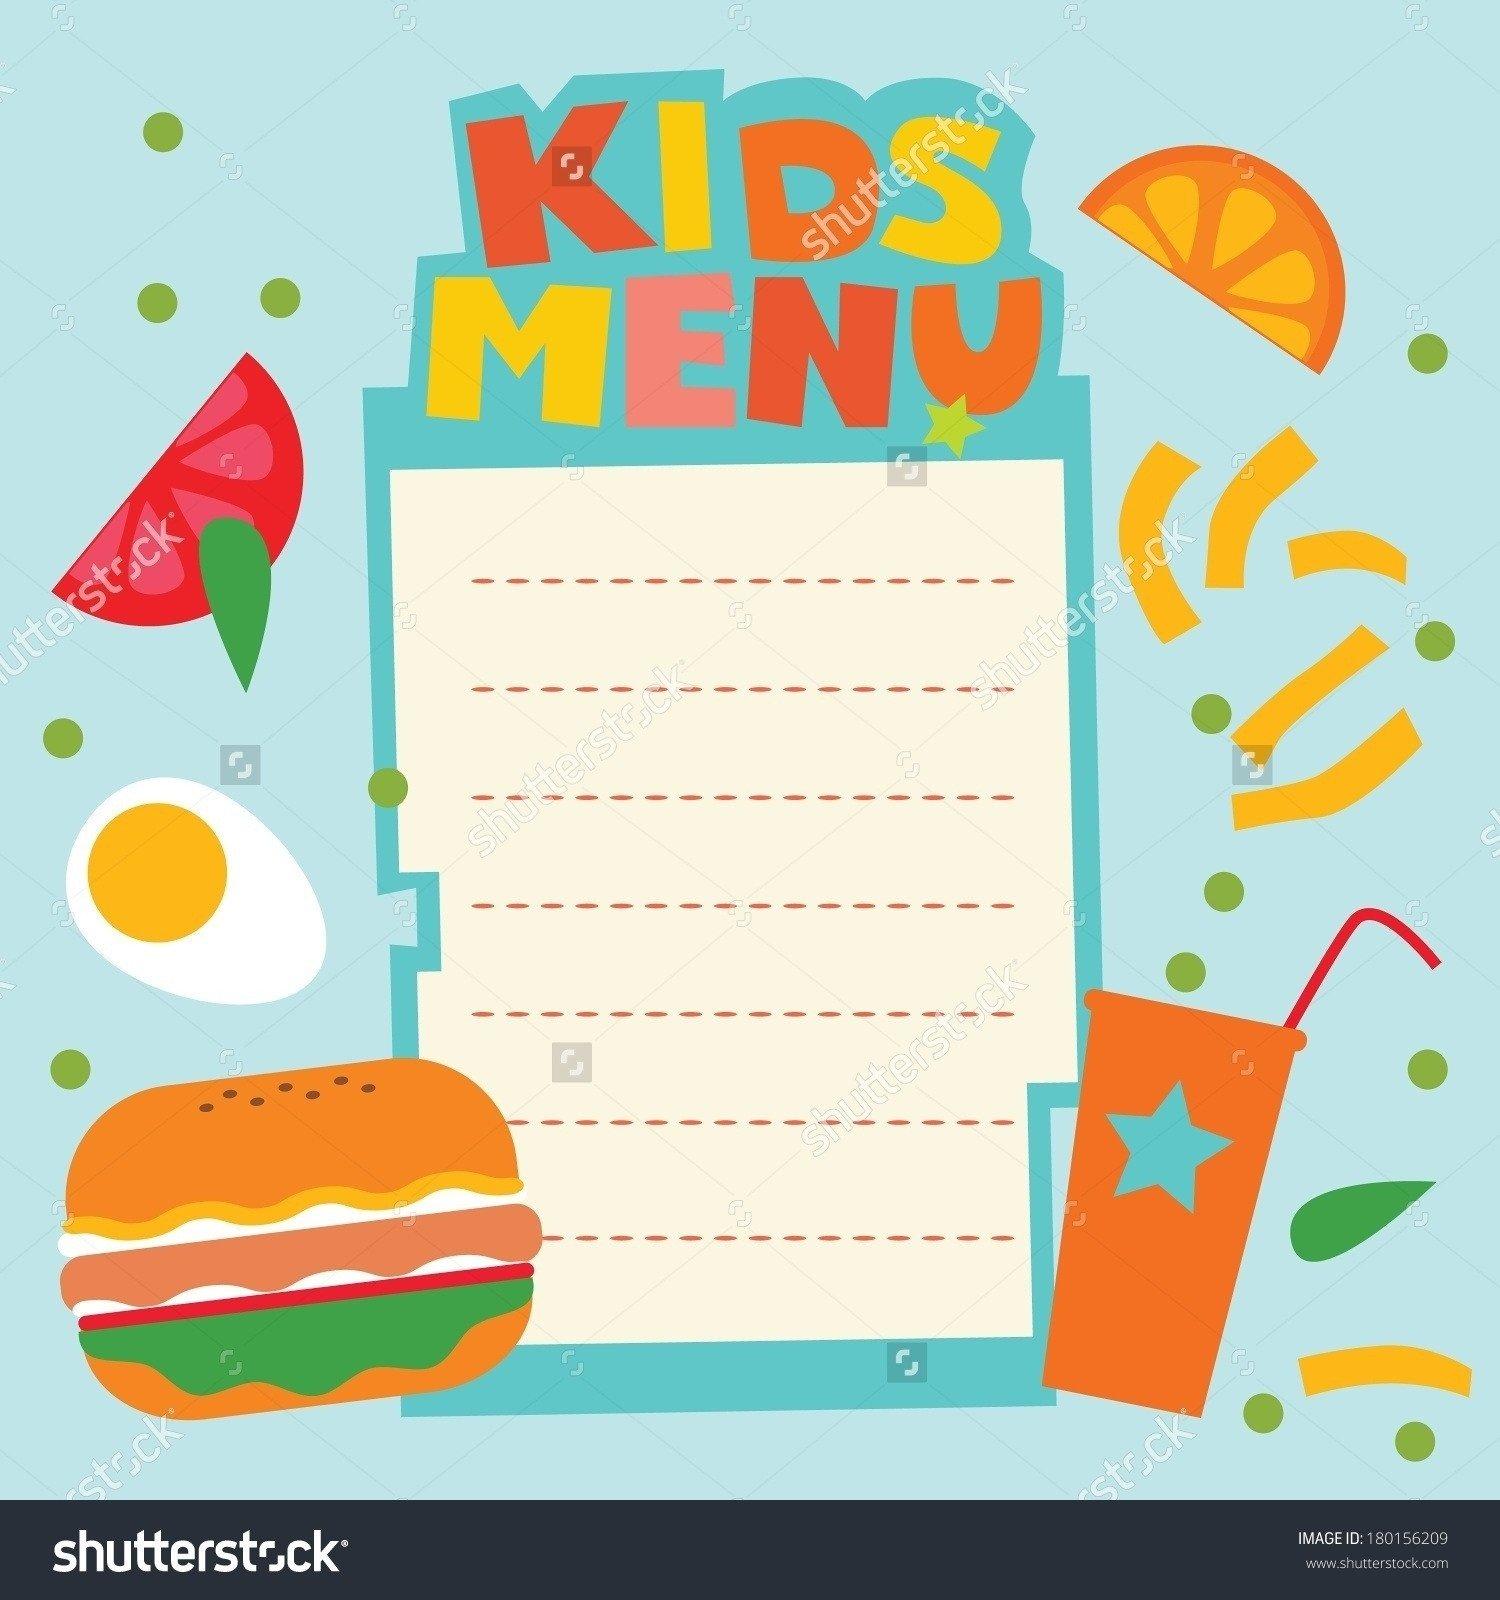 Blank Menu Template Free Blank Menu Template for Kids